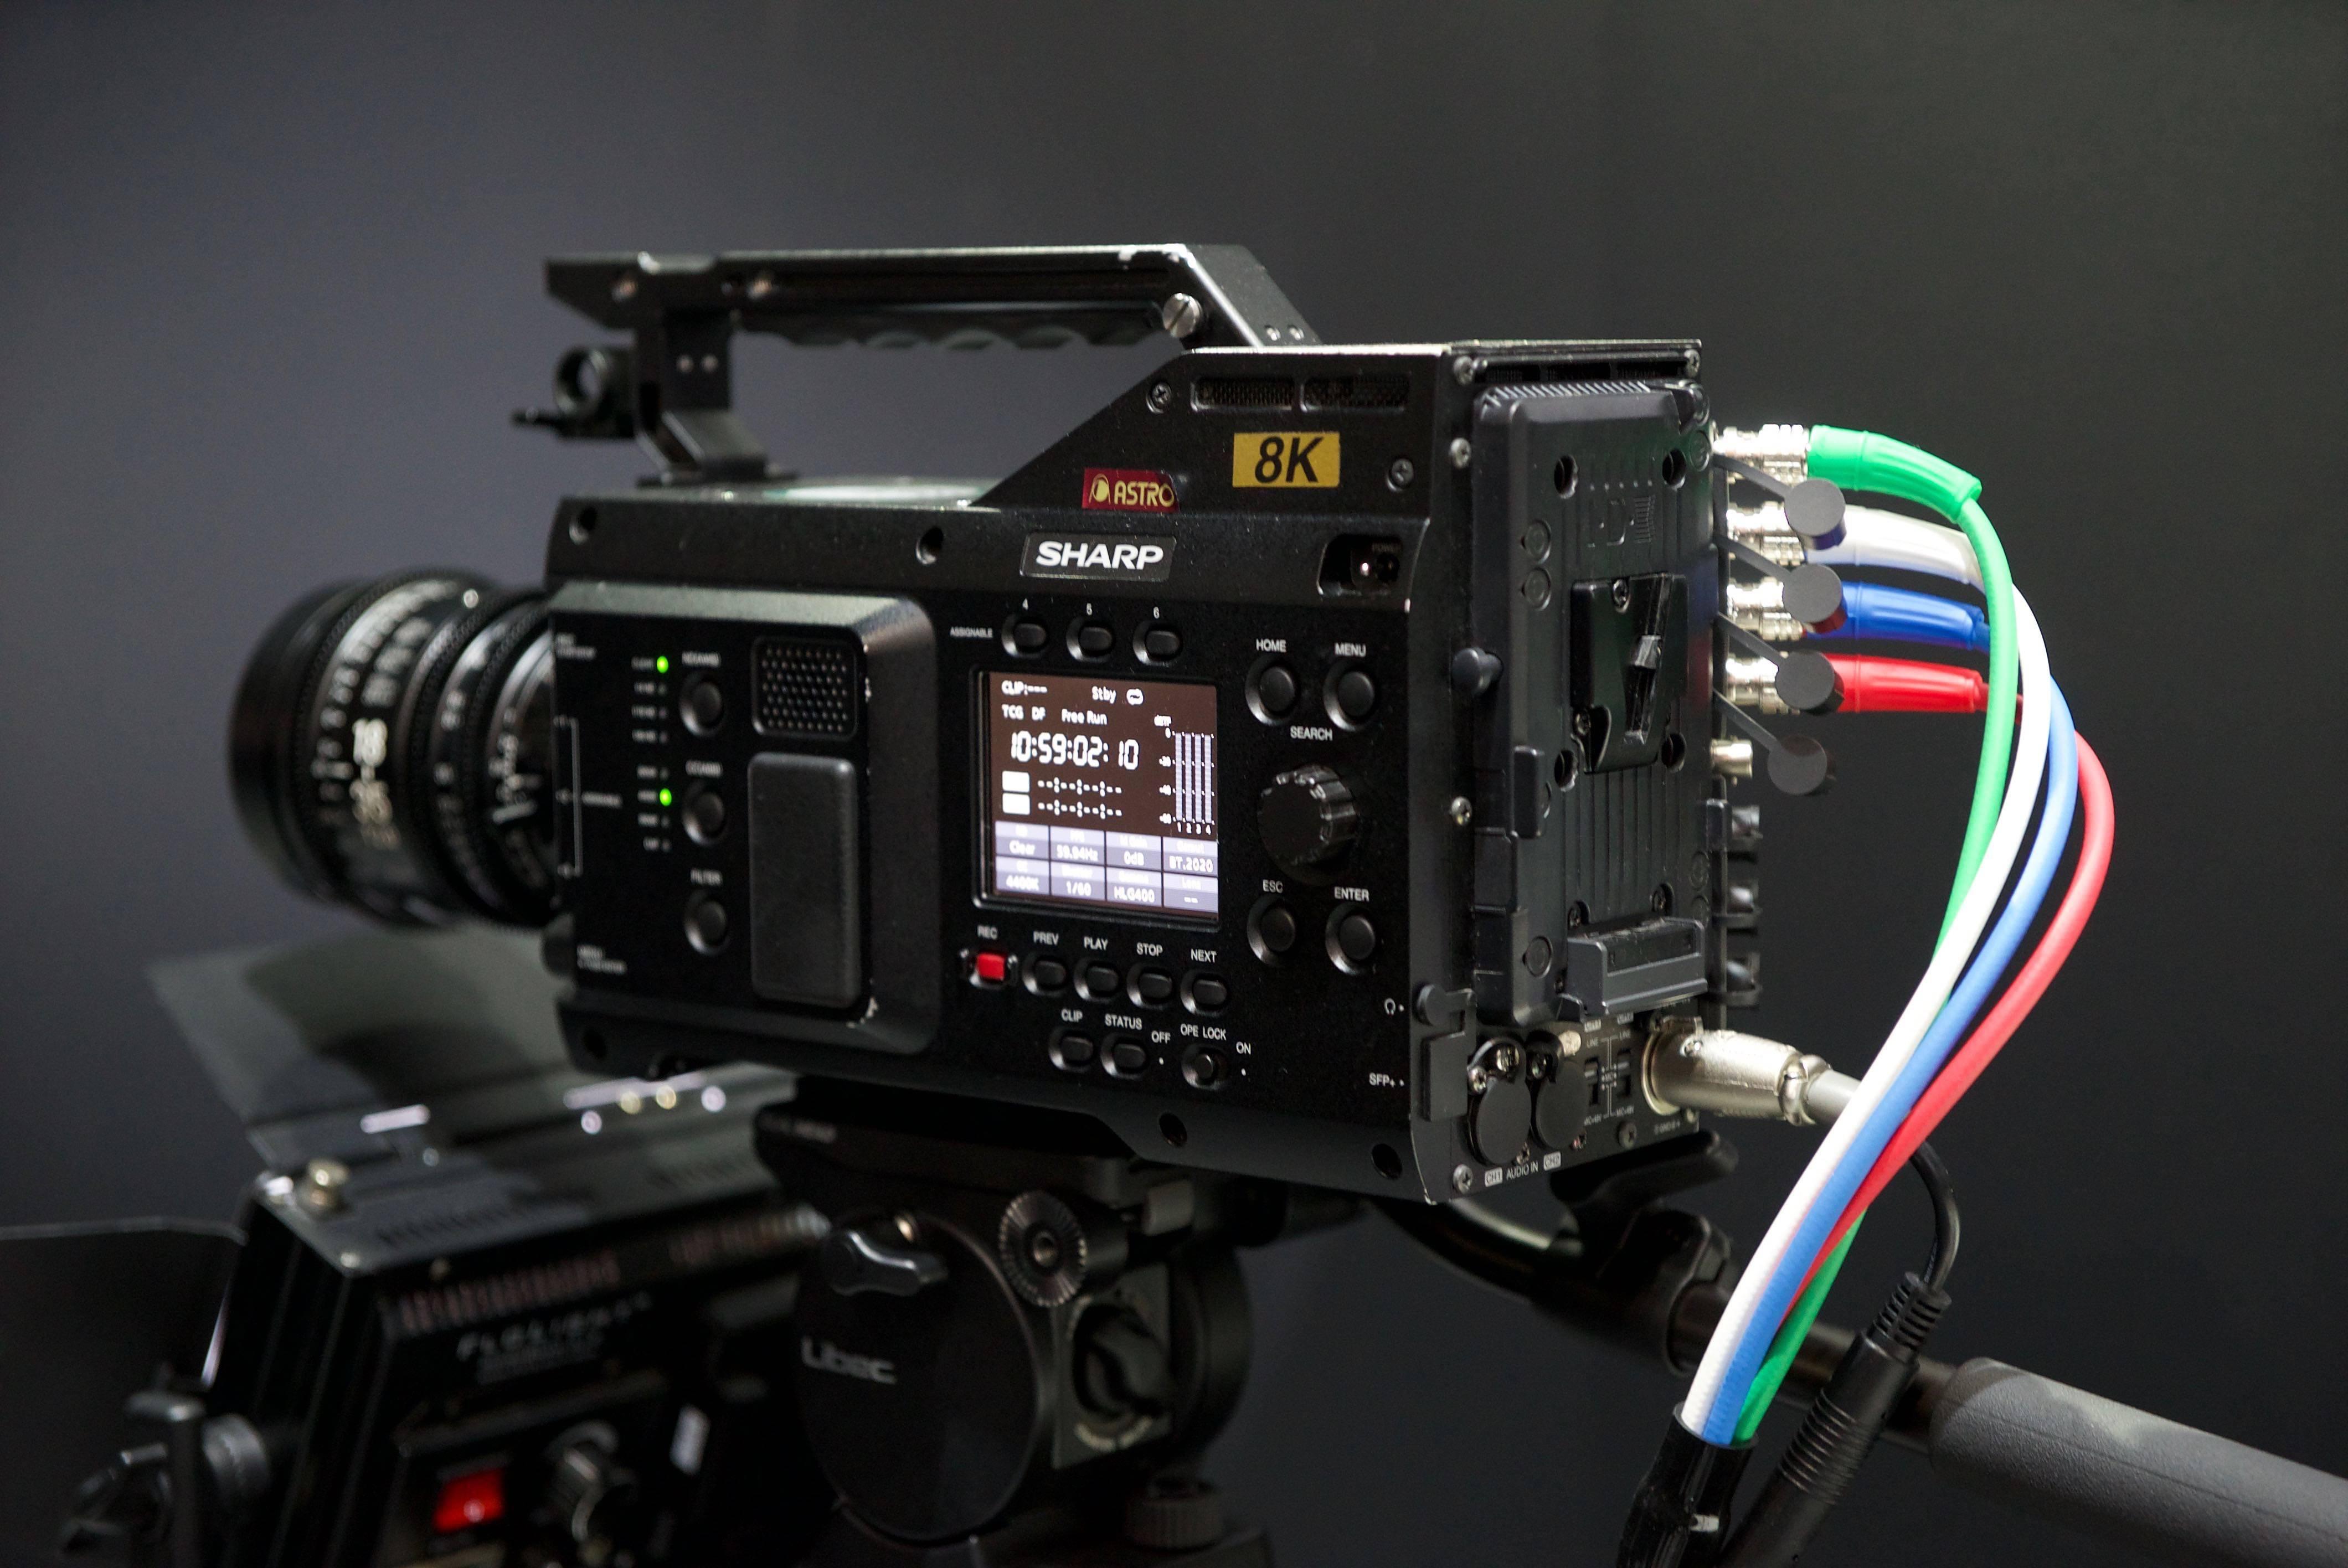 报告:2021年8K电视出货量将突破100万台,片源不是问题